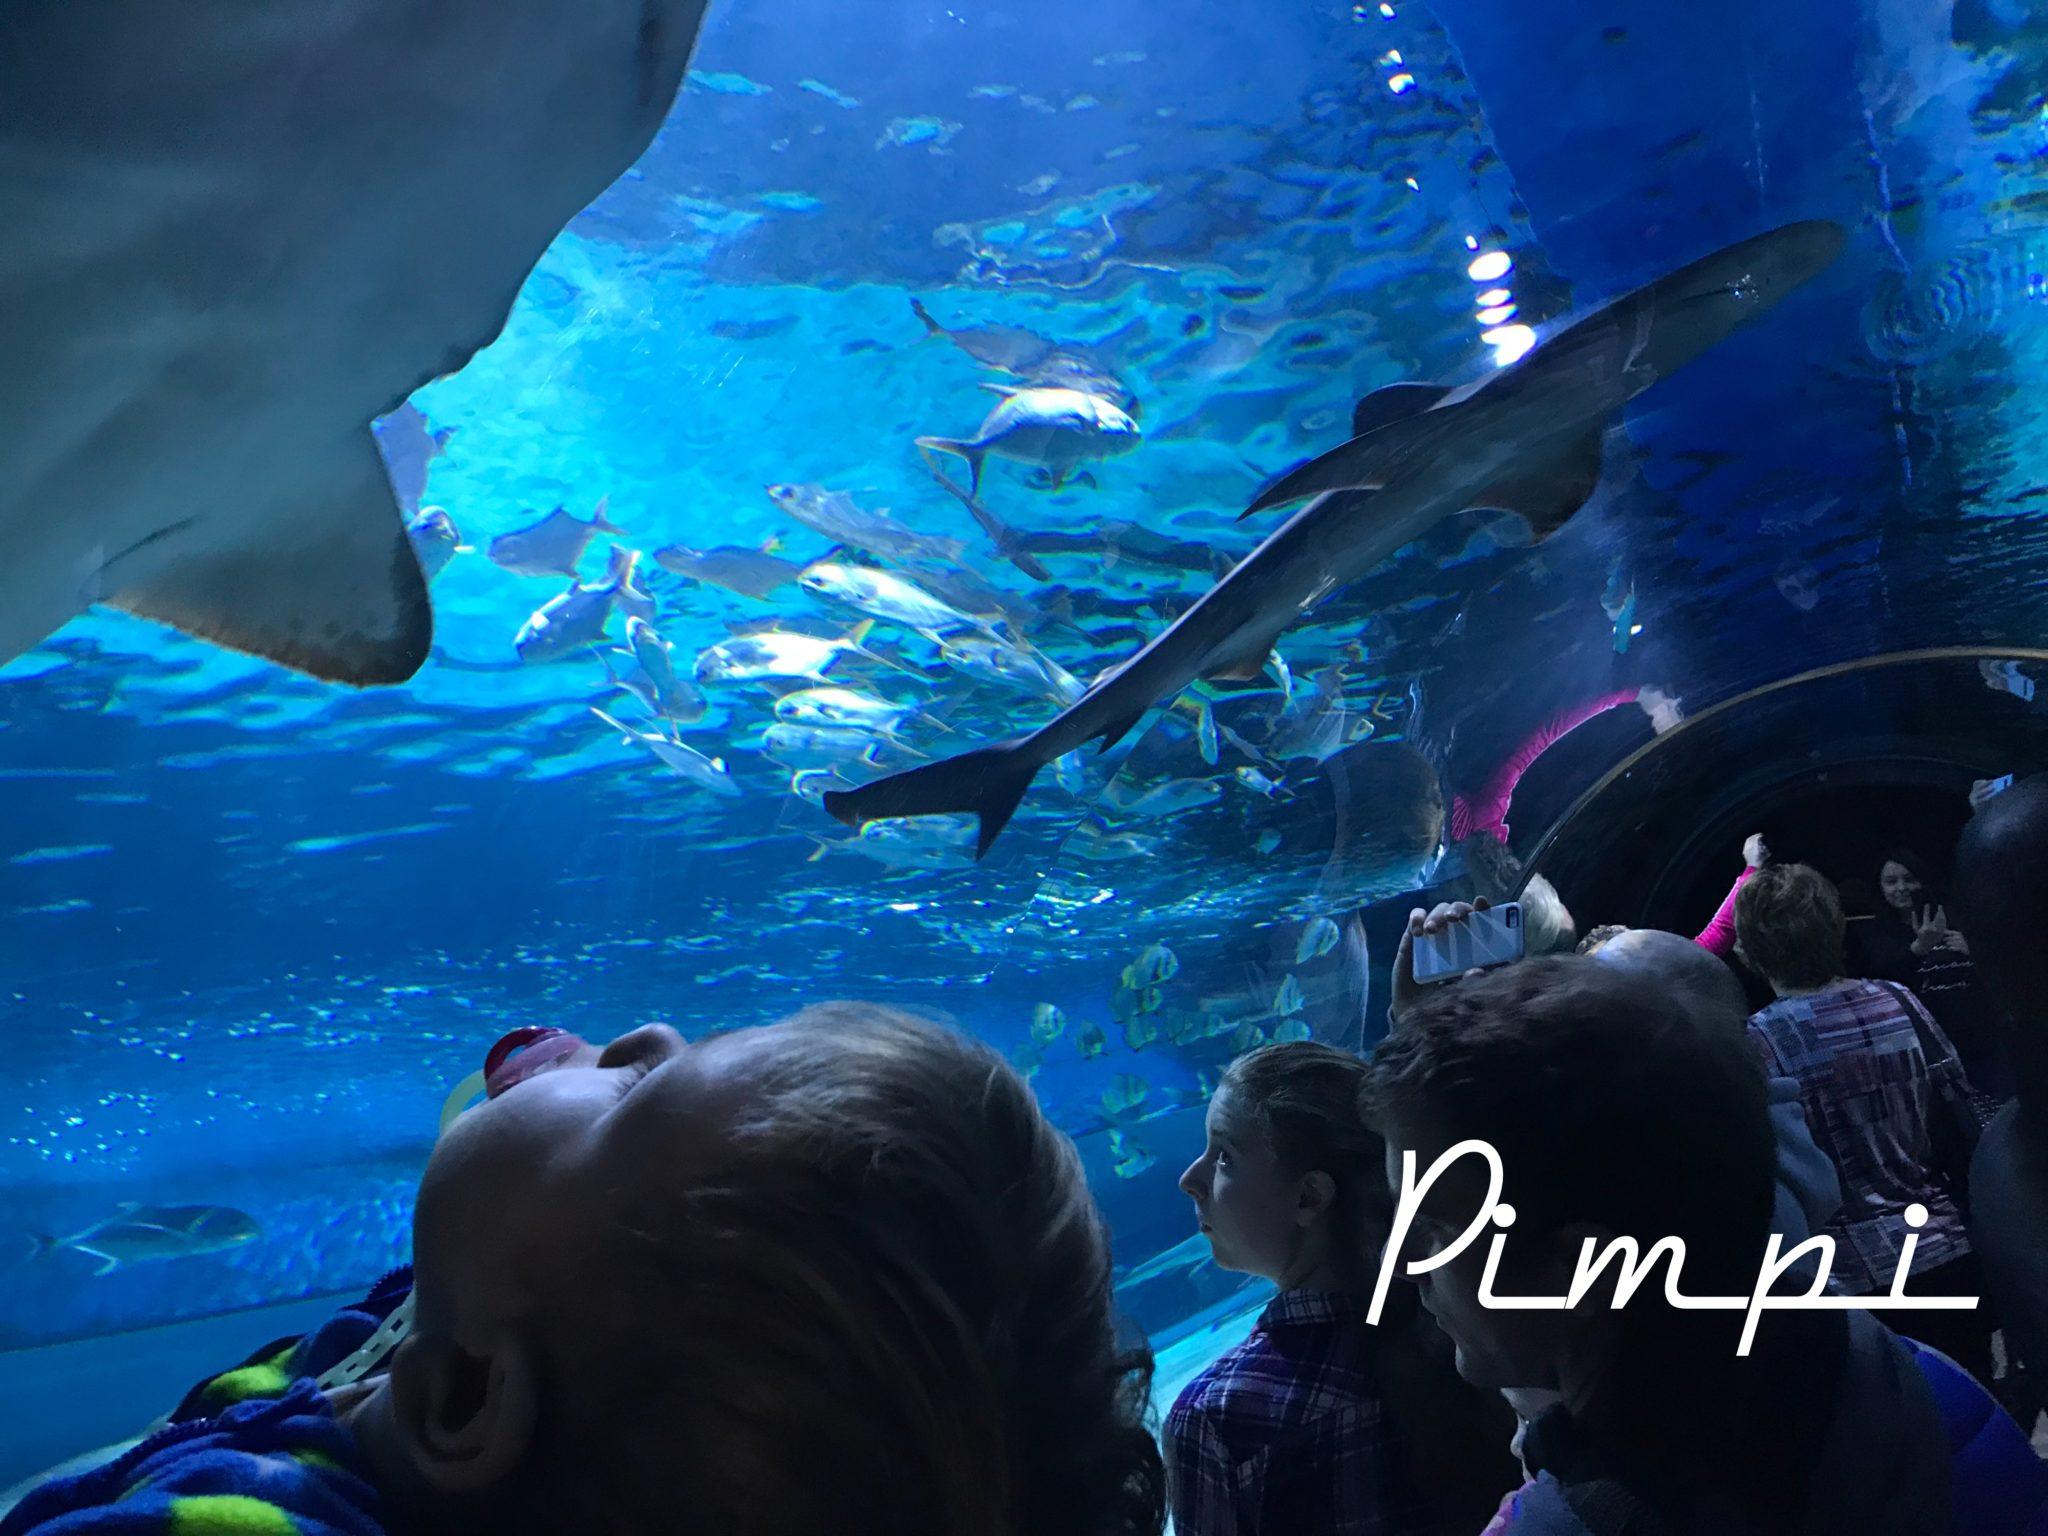 pimpi-bábo-cestovanie-cestuj s deťmi-bábo do sveta-budapešť-tropikárium-ryby-žraloky-krokodíl-chrobáky-korytnačky-zvieratká-zážitok-podmorský svet-more-oceán-zábava-hry